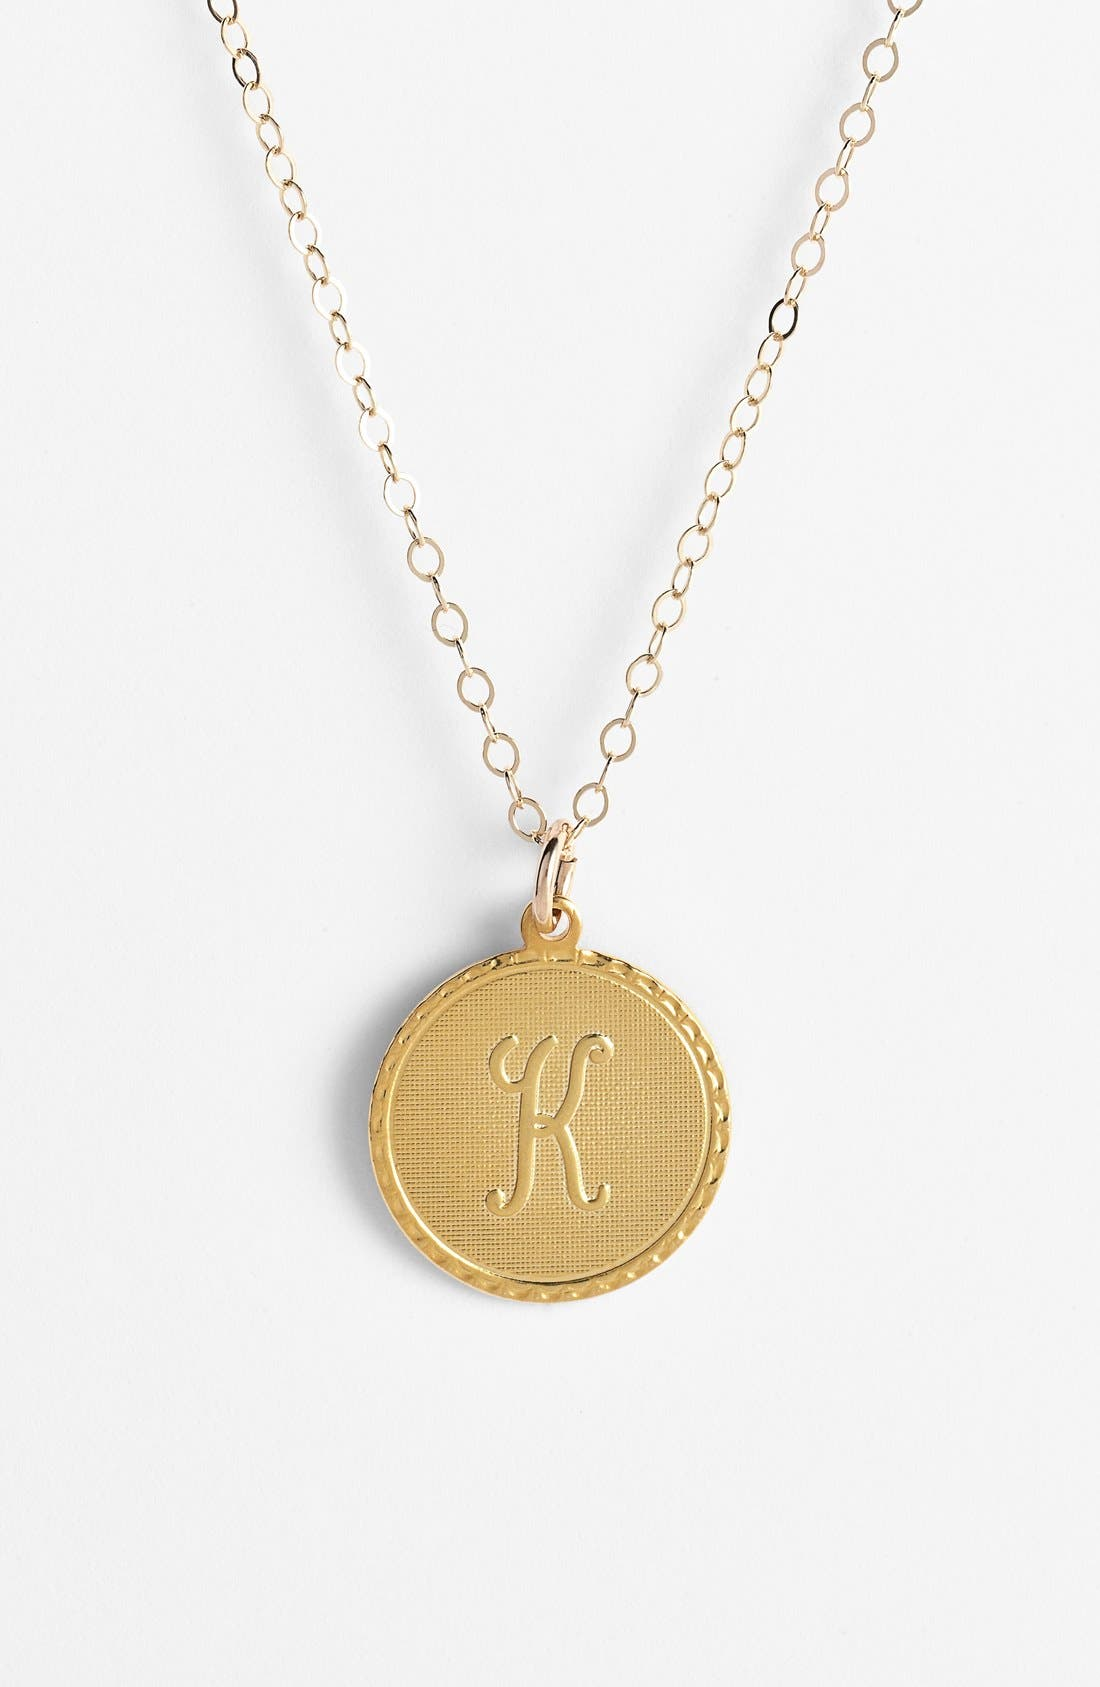 'Dalton' Initial Pendant Necklace,                         Main,                         color, Gold - K